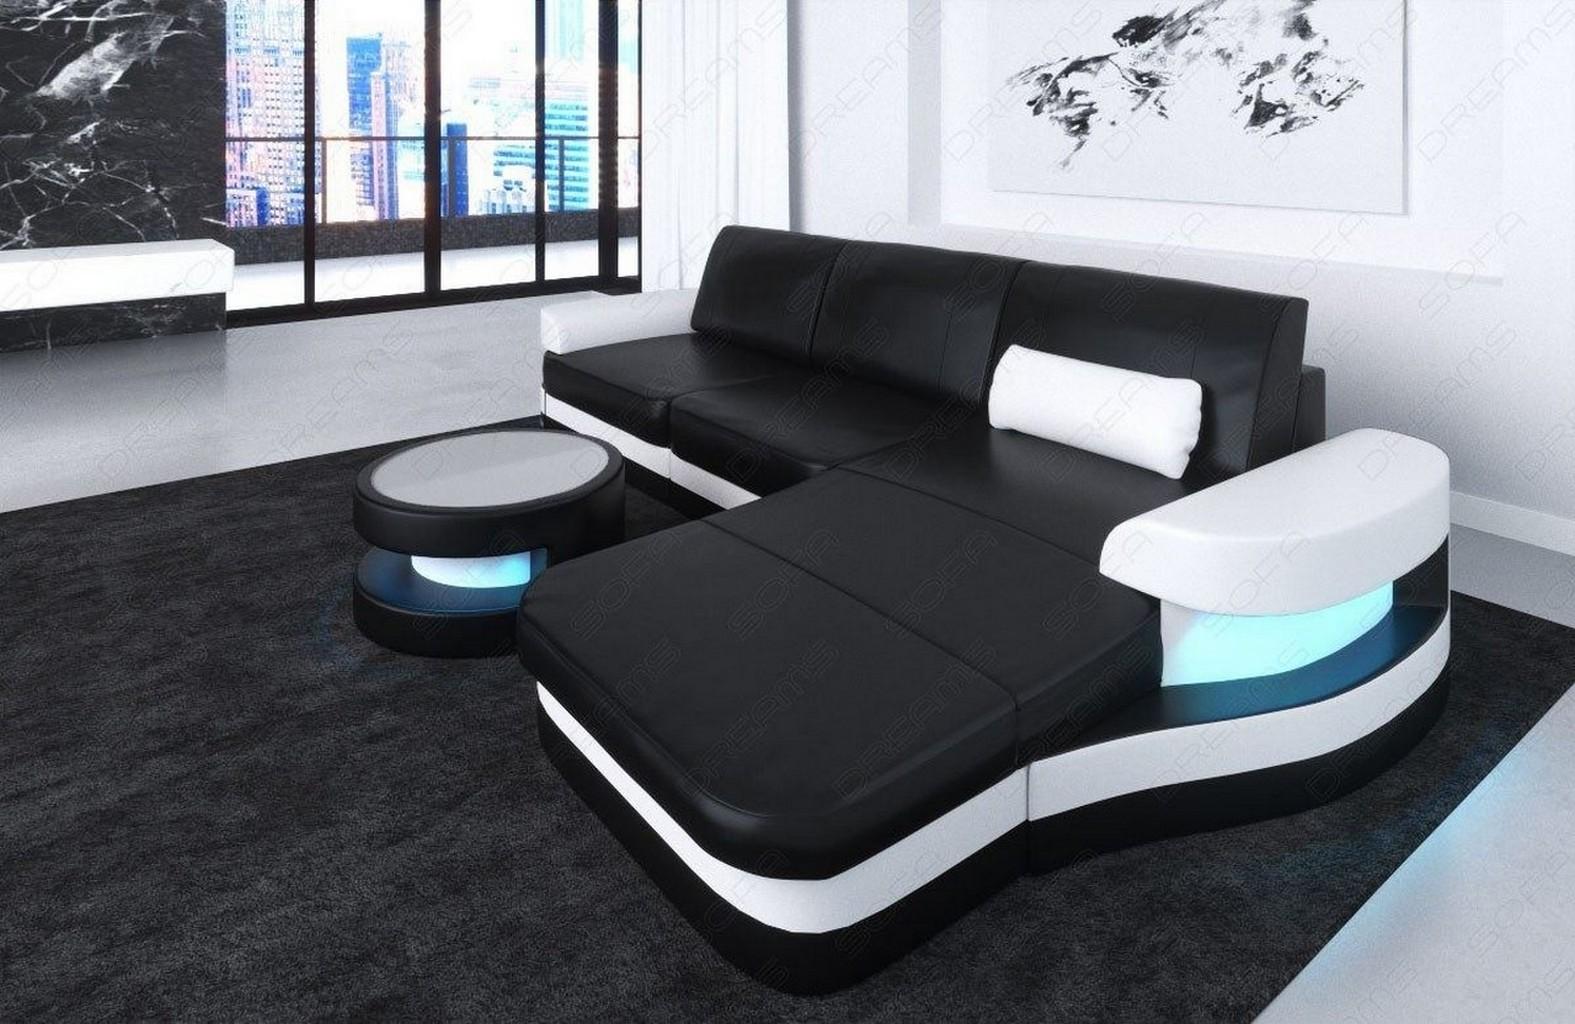 leder ecksofa ledersofa eckcouch modena l form design couch optionale leds ebay. Black Bedroom Furniture Sets. Home Design Ideas